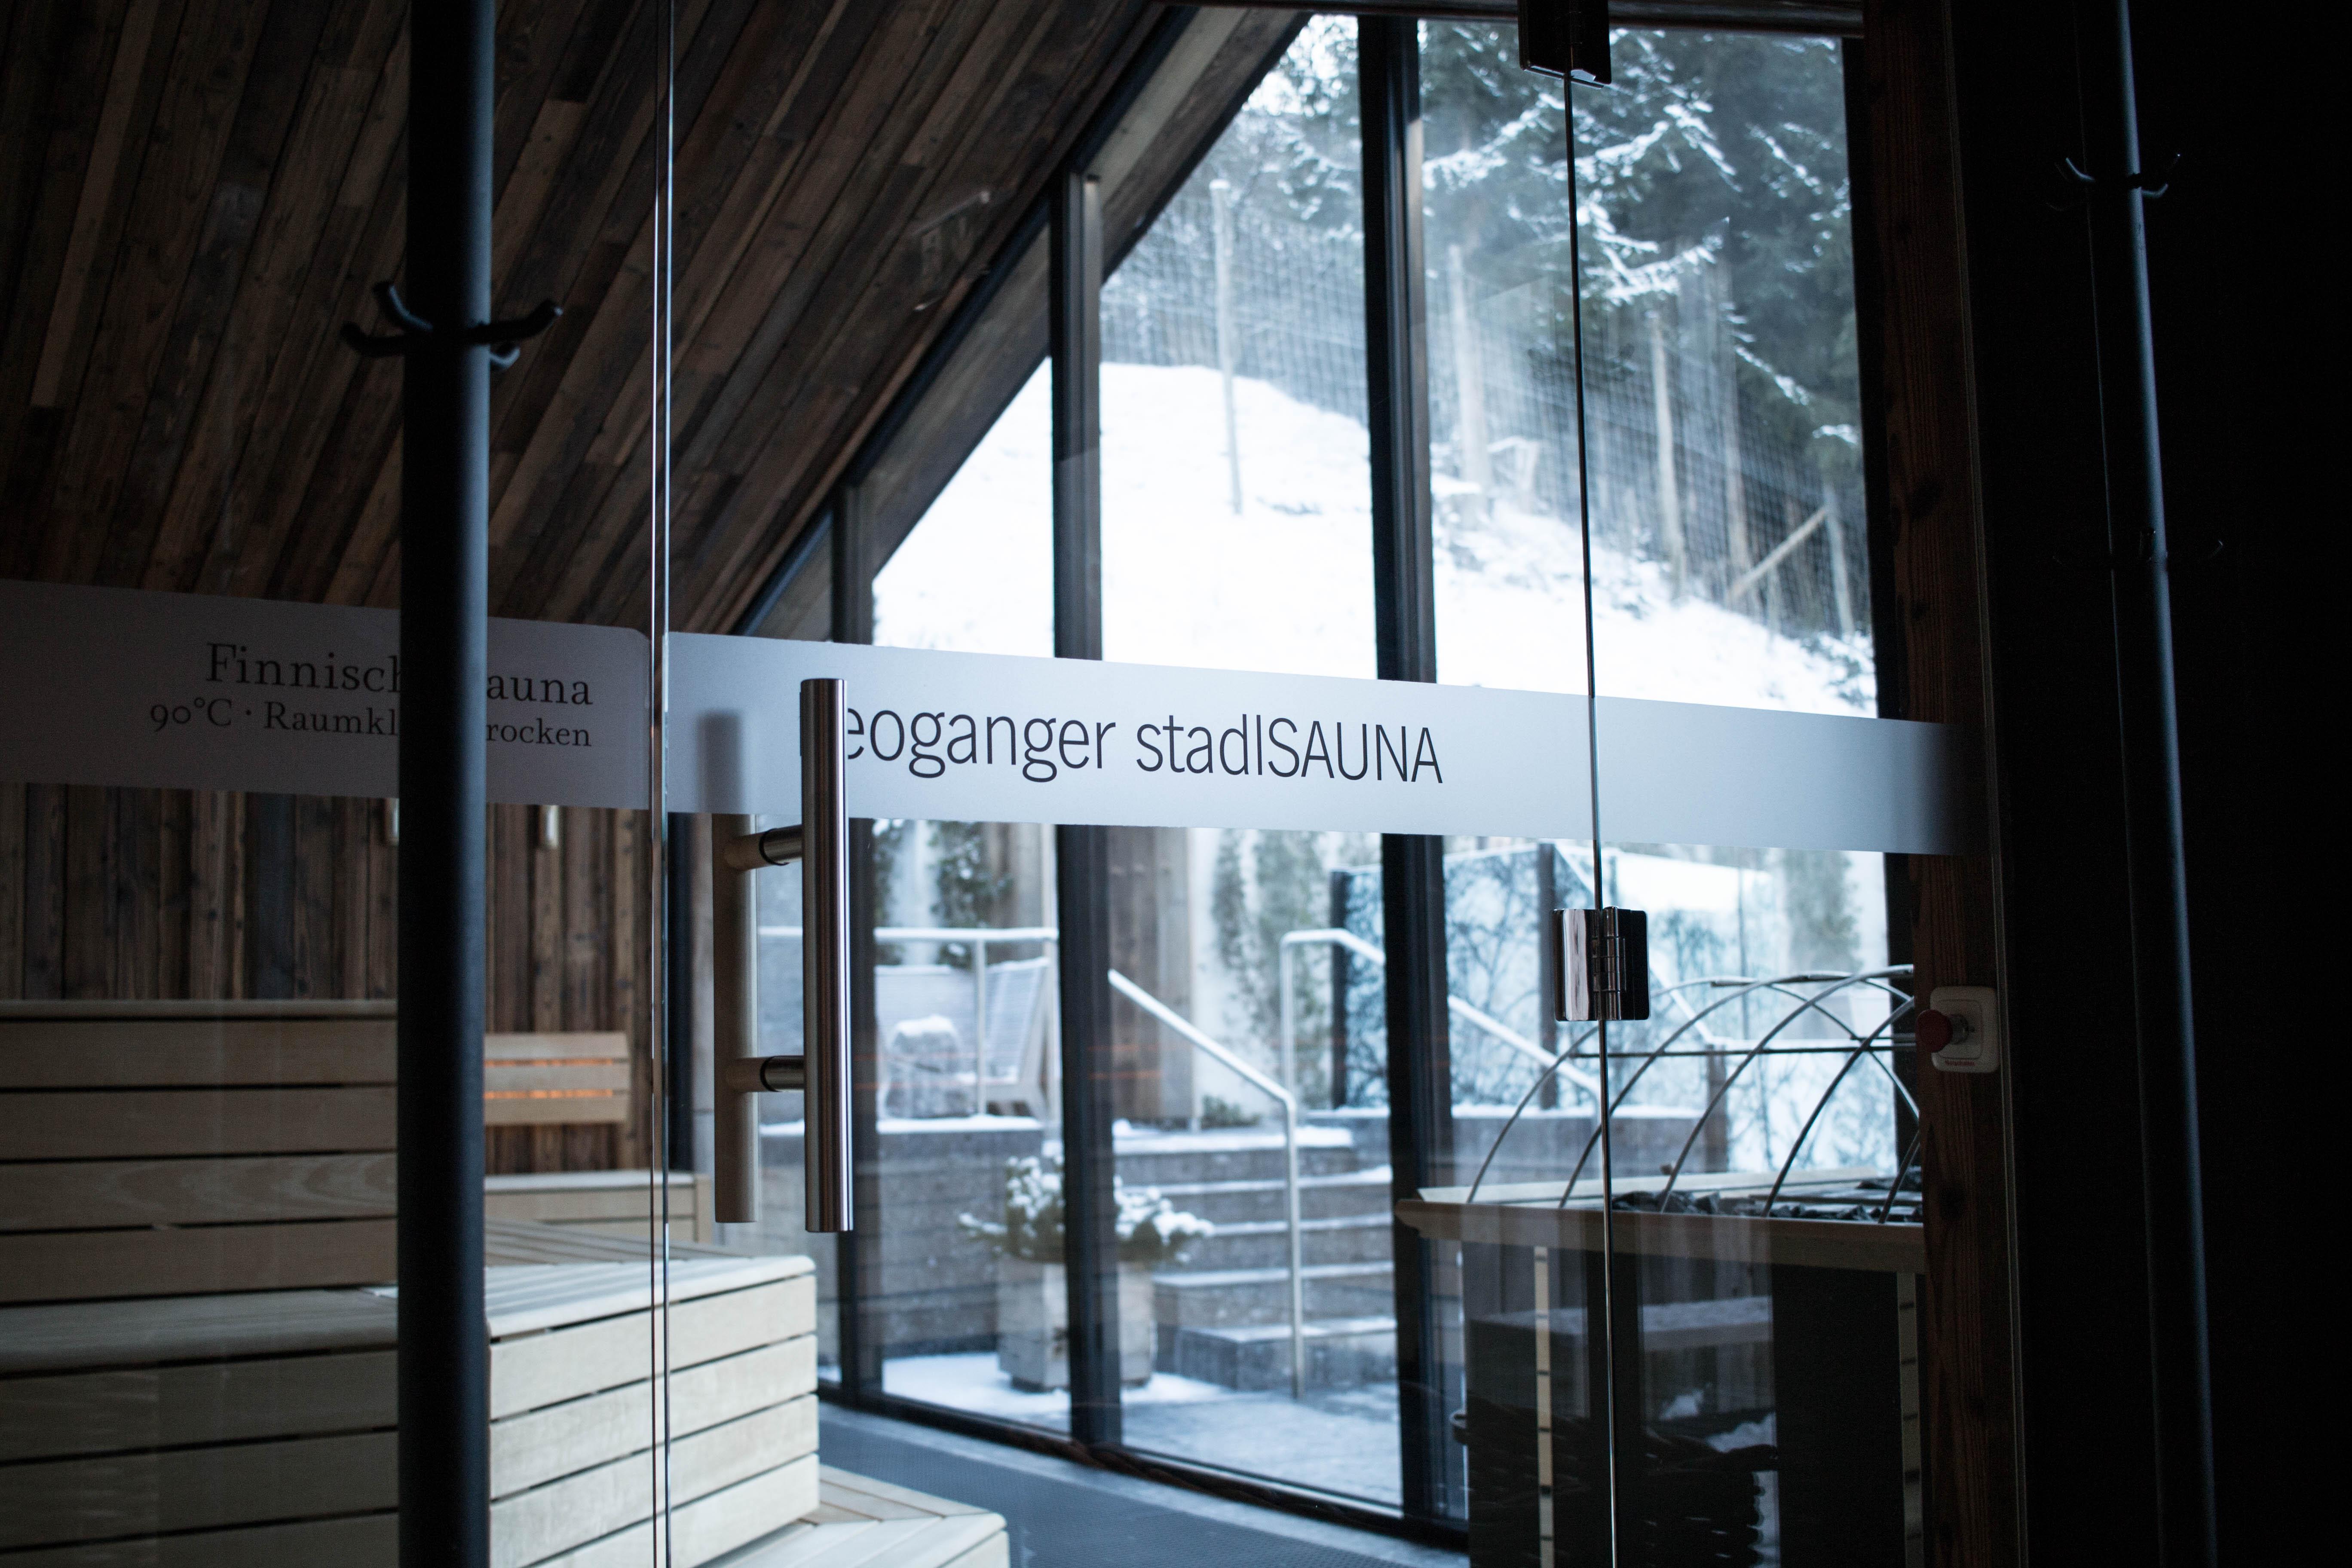 naturhotel-forsthofgut-annalaurakummer-hotel-review-13